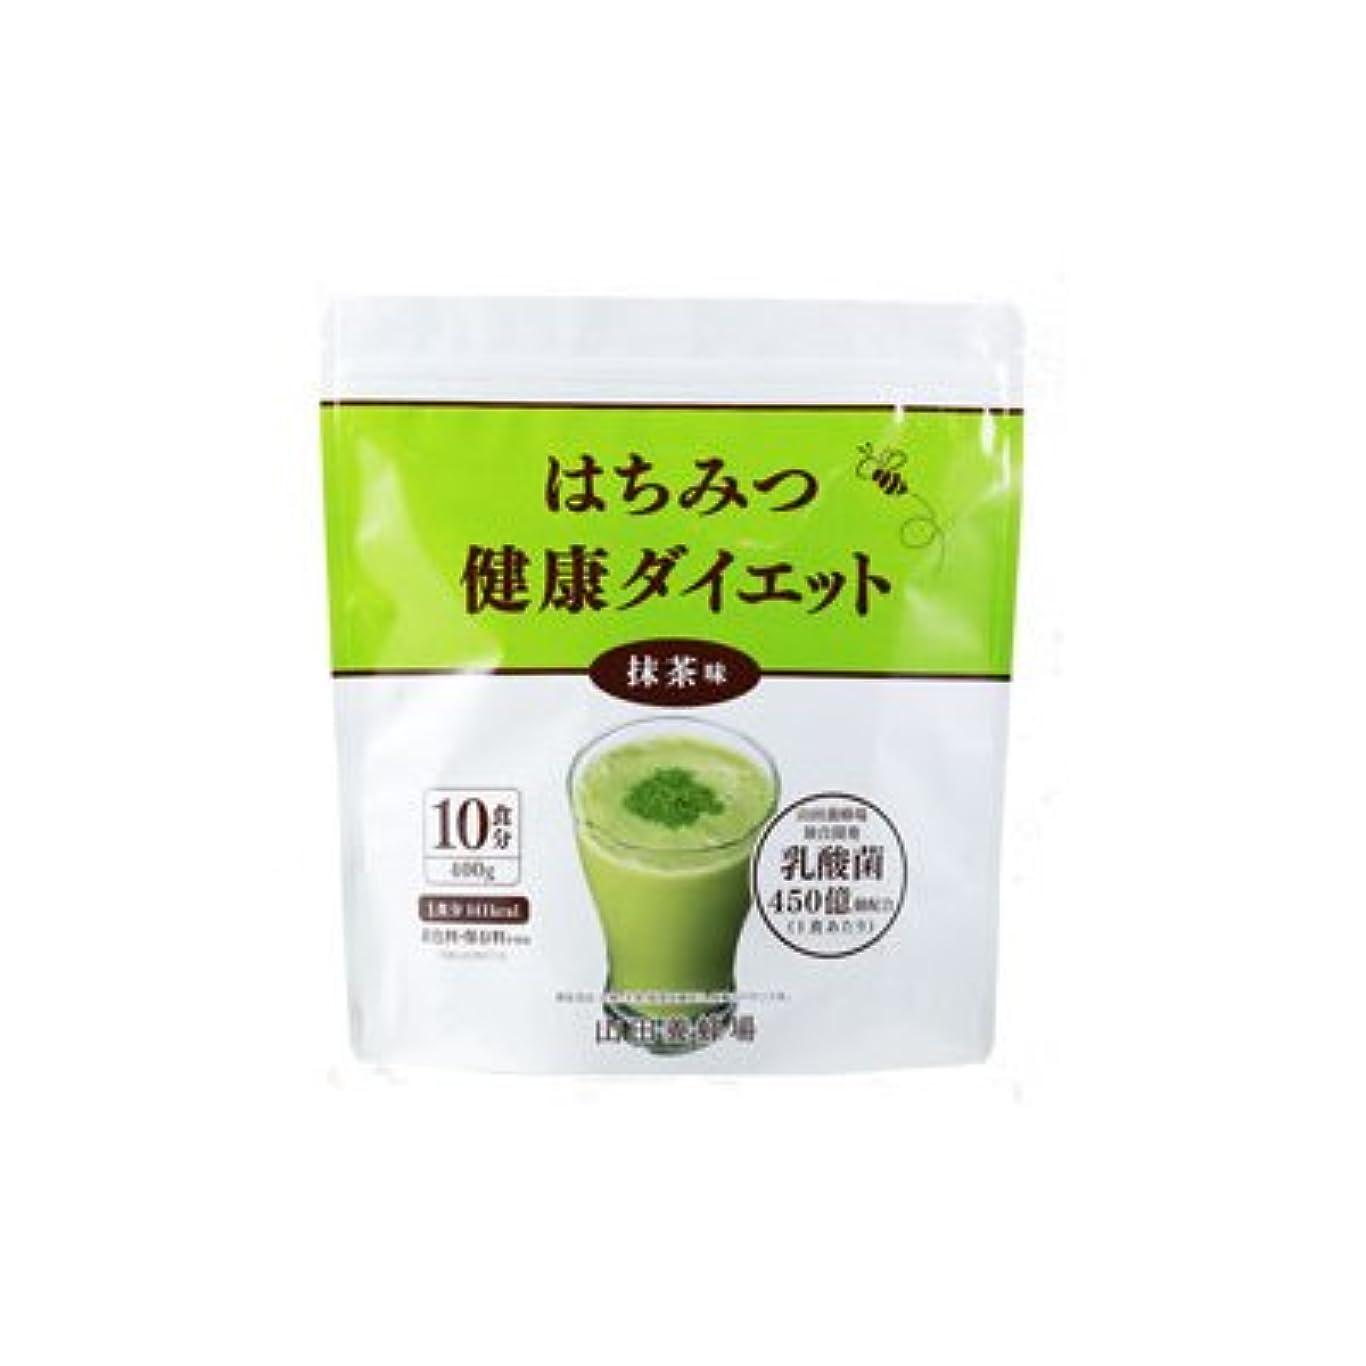 はちみつ健康ダイエット 【抹茶味】400g(10食分)